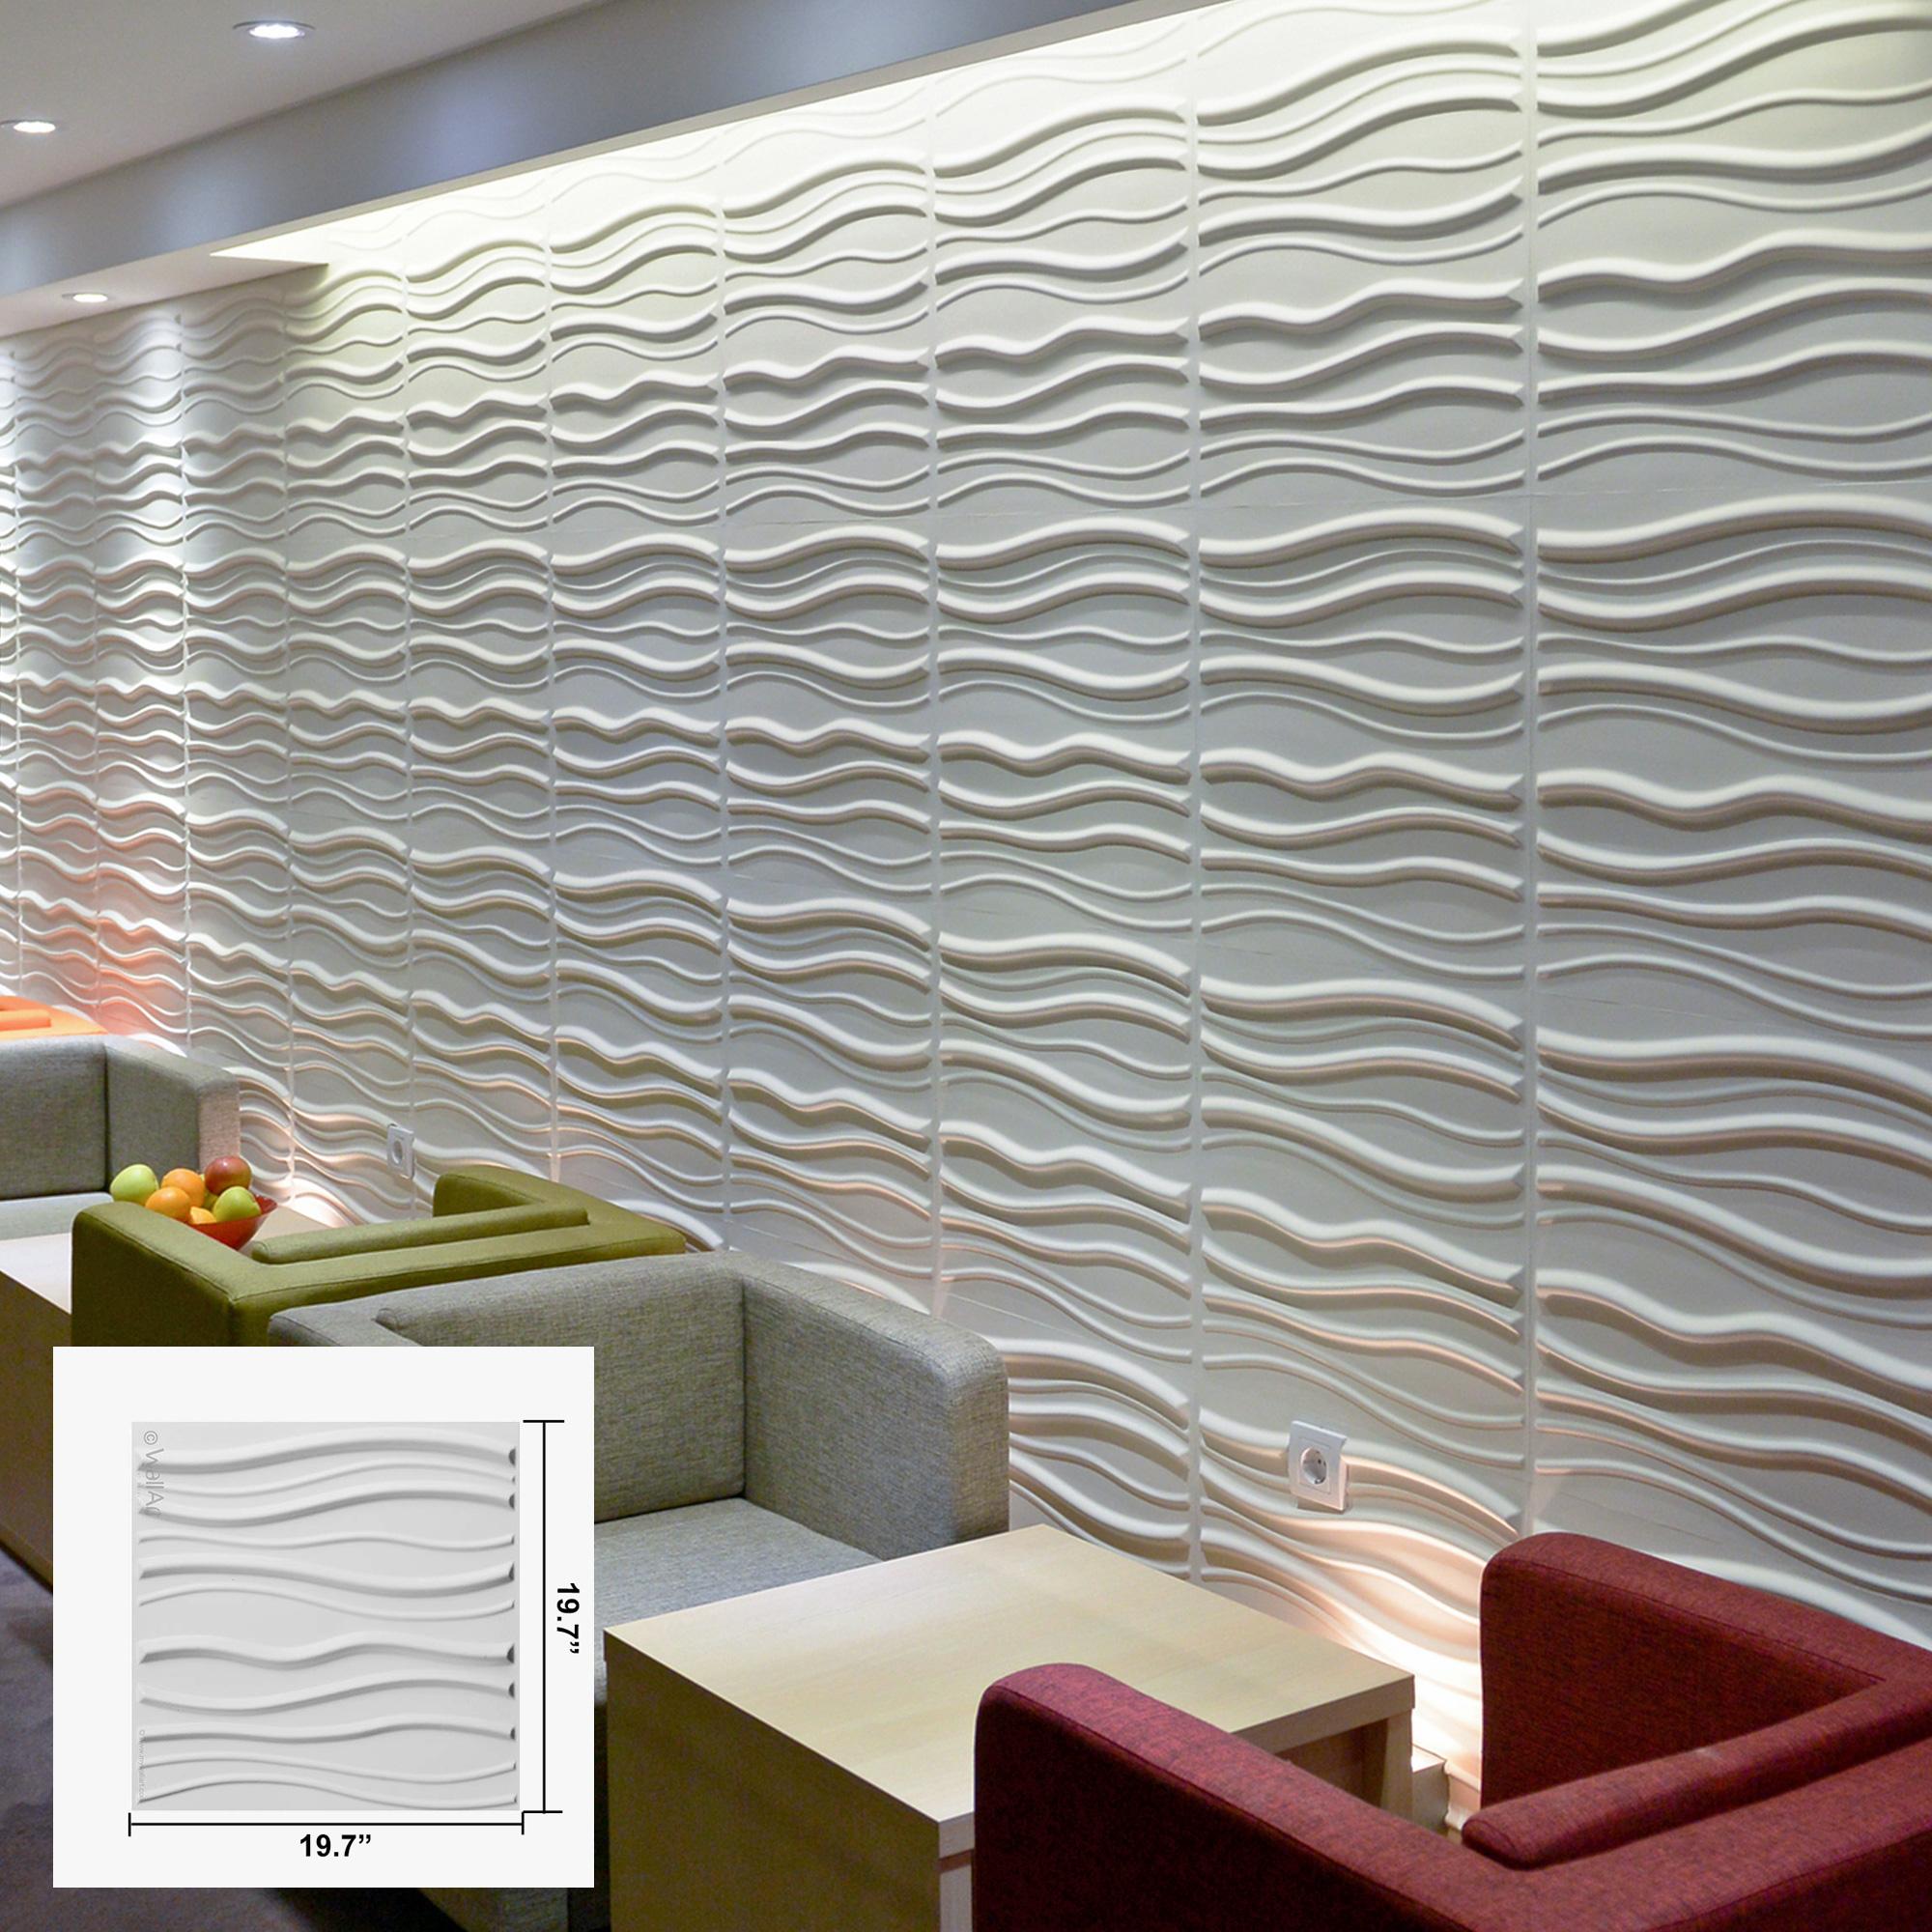 Sands Design